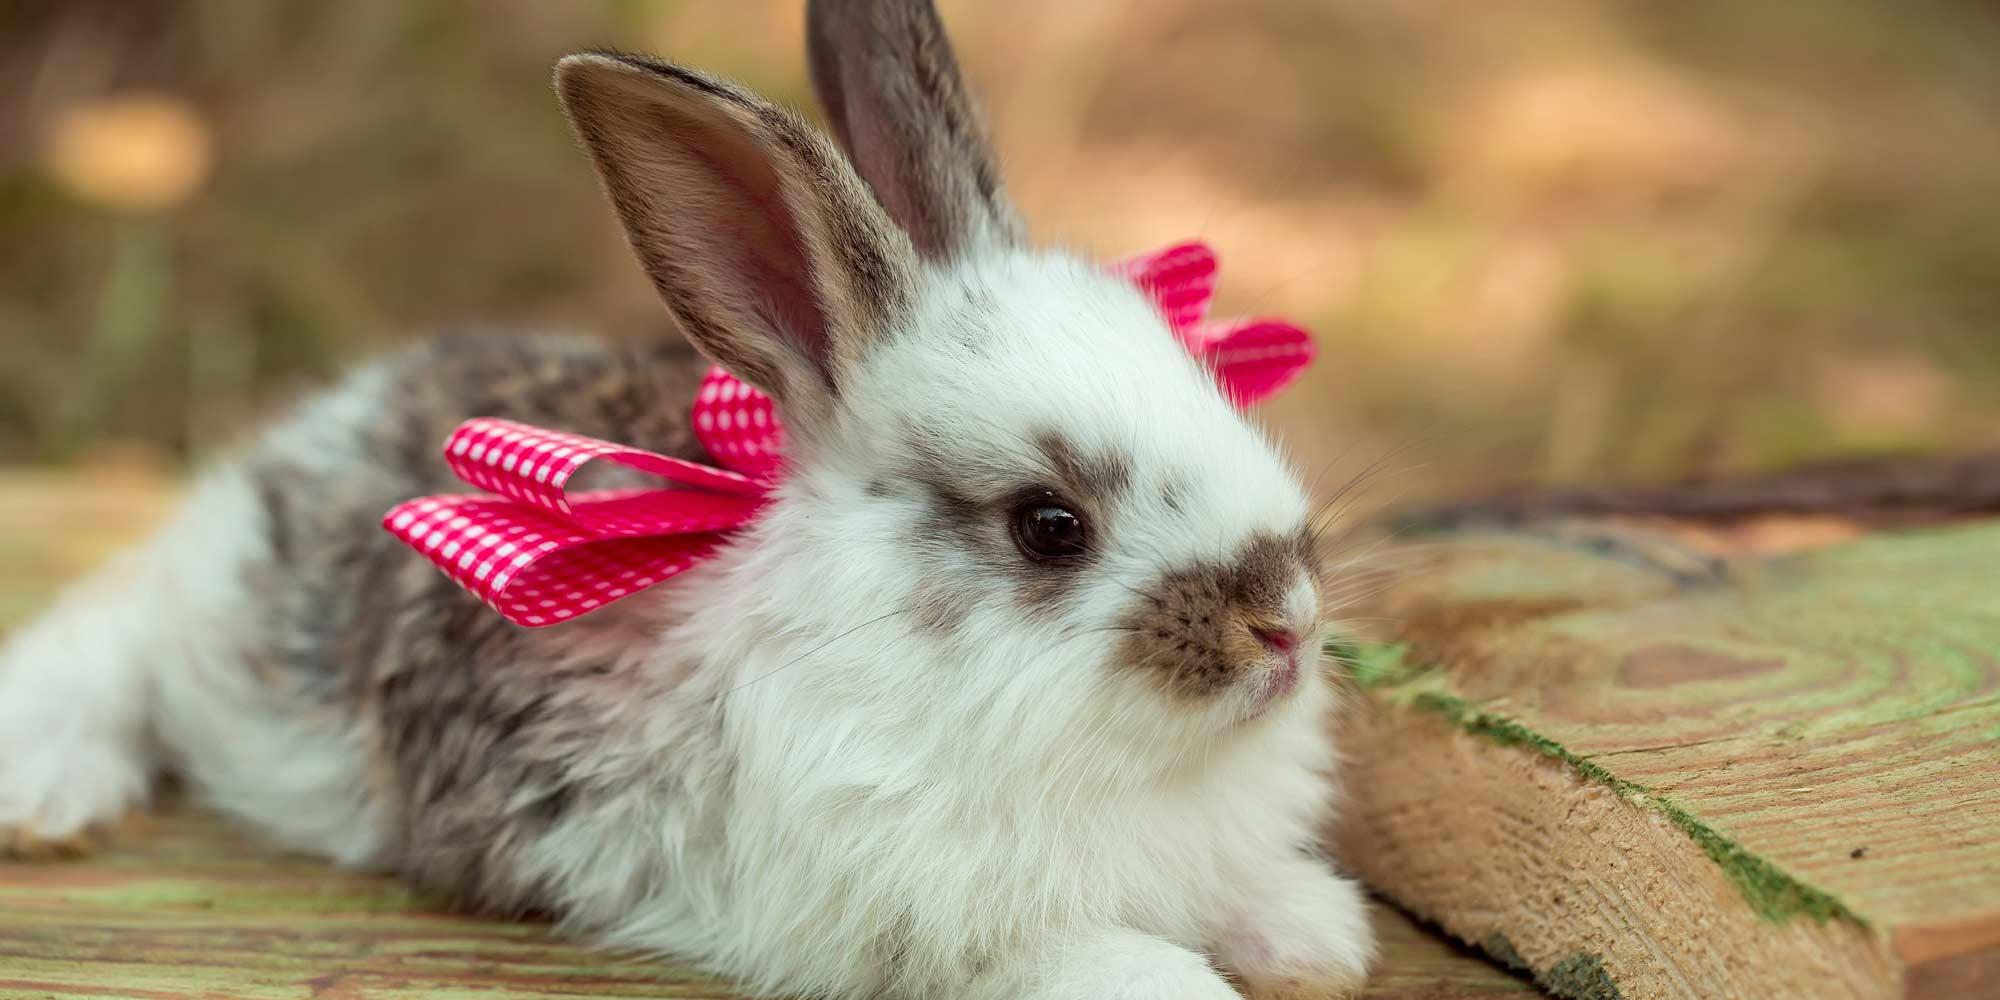 Coniglio bello e dolce a Stezzano